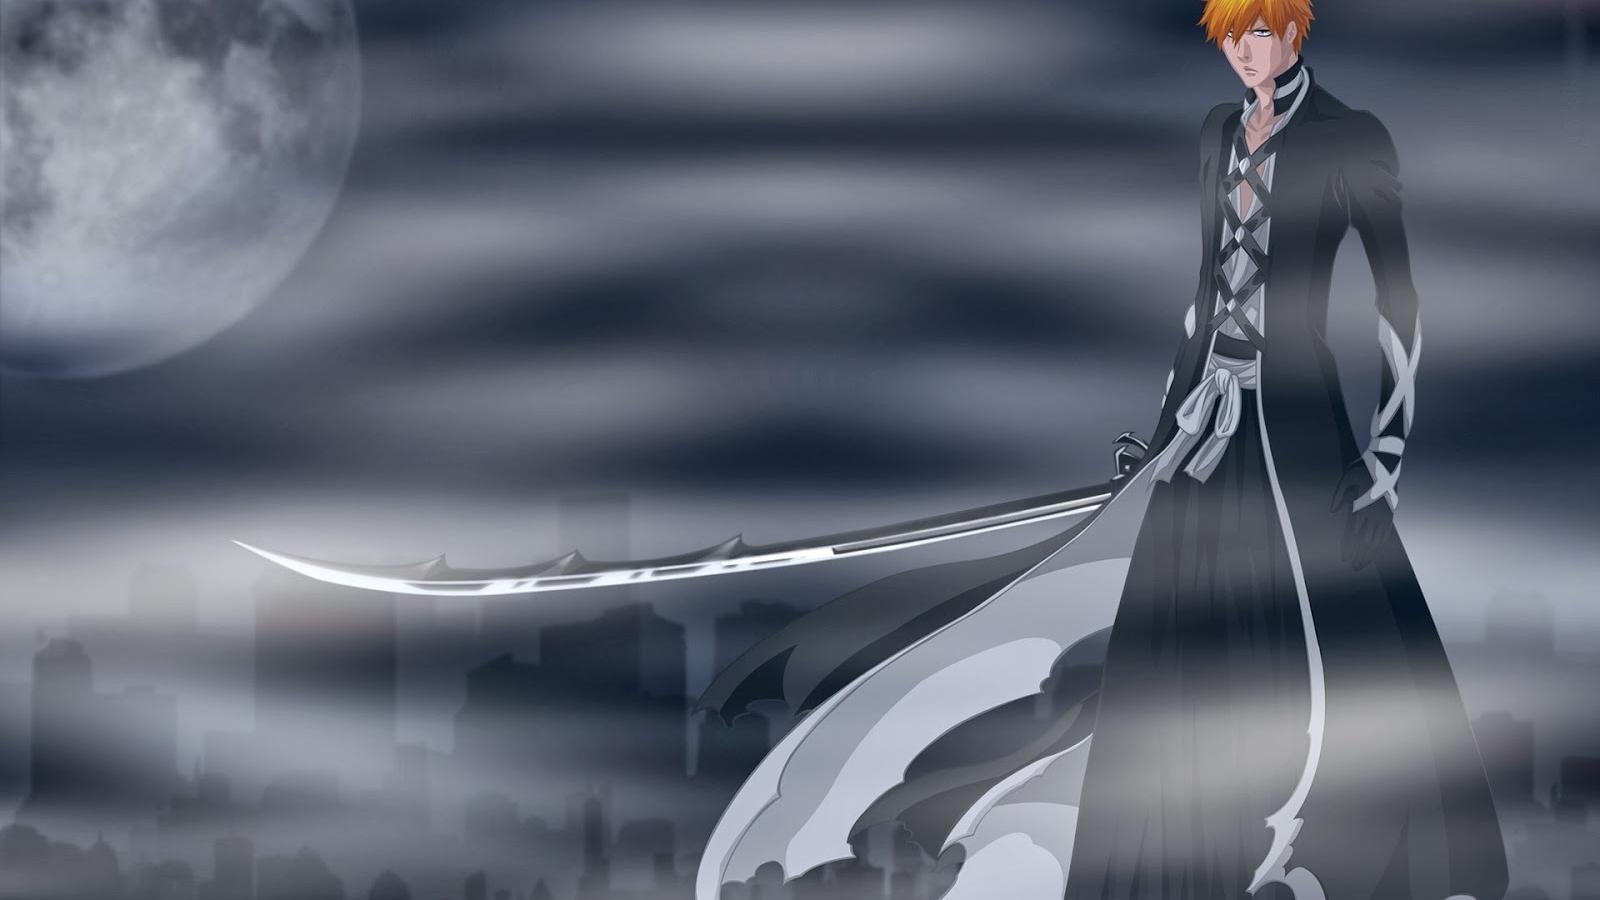 Free Download Pantalla Anime Escritorio Hd Wallpaper